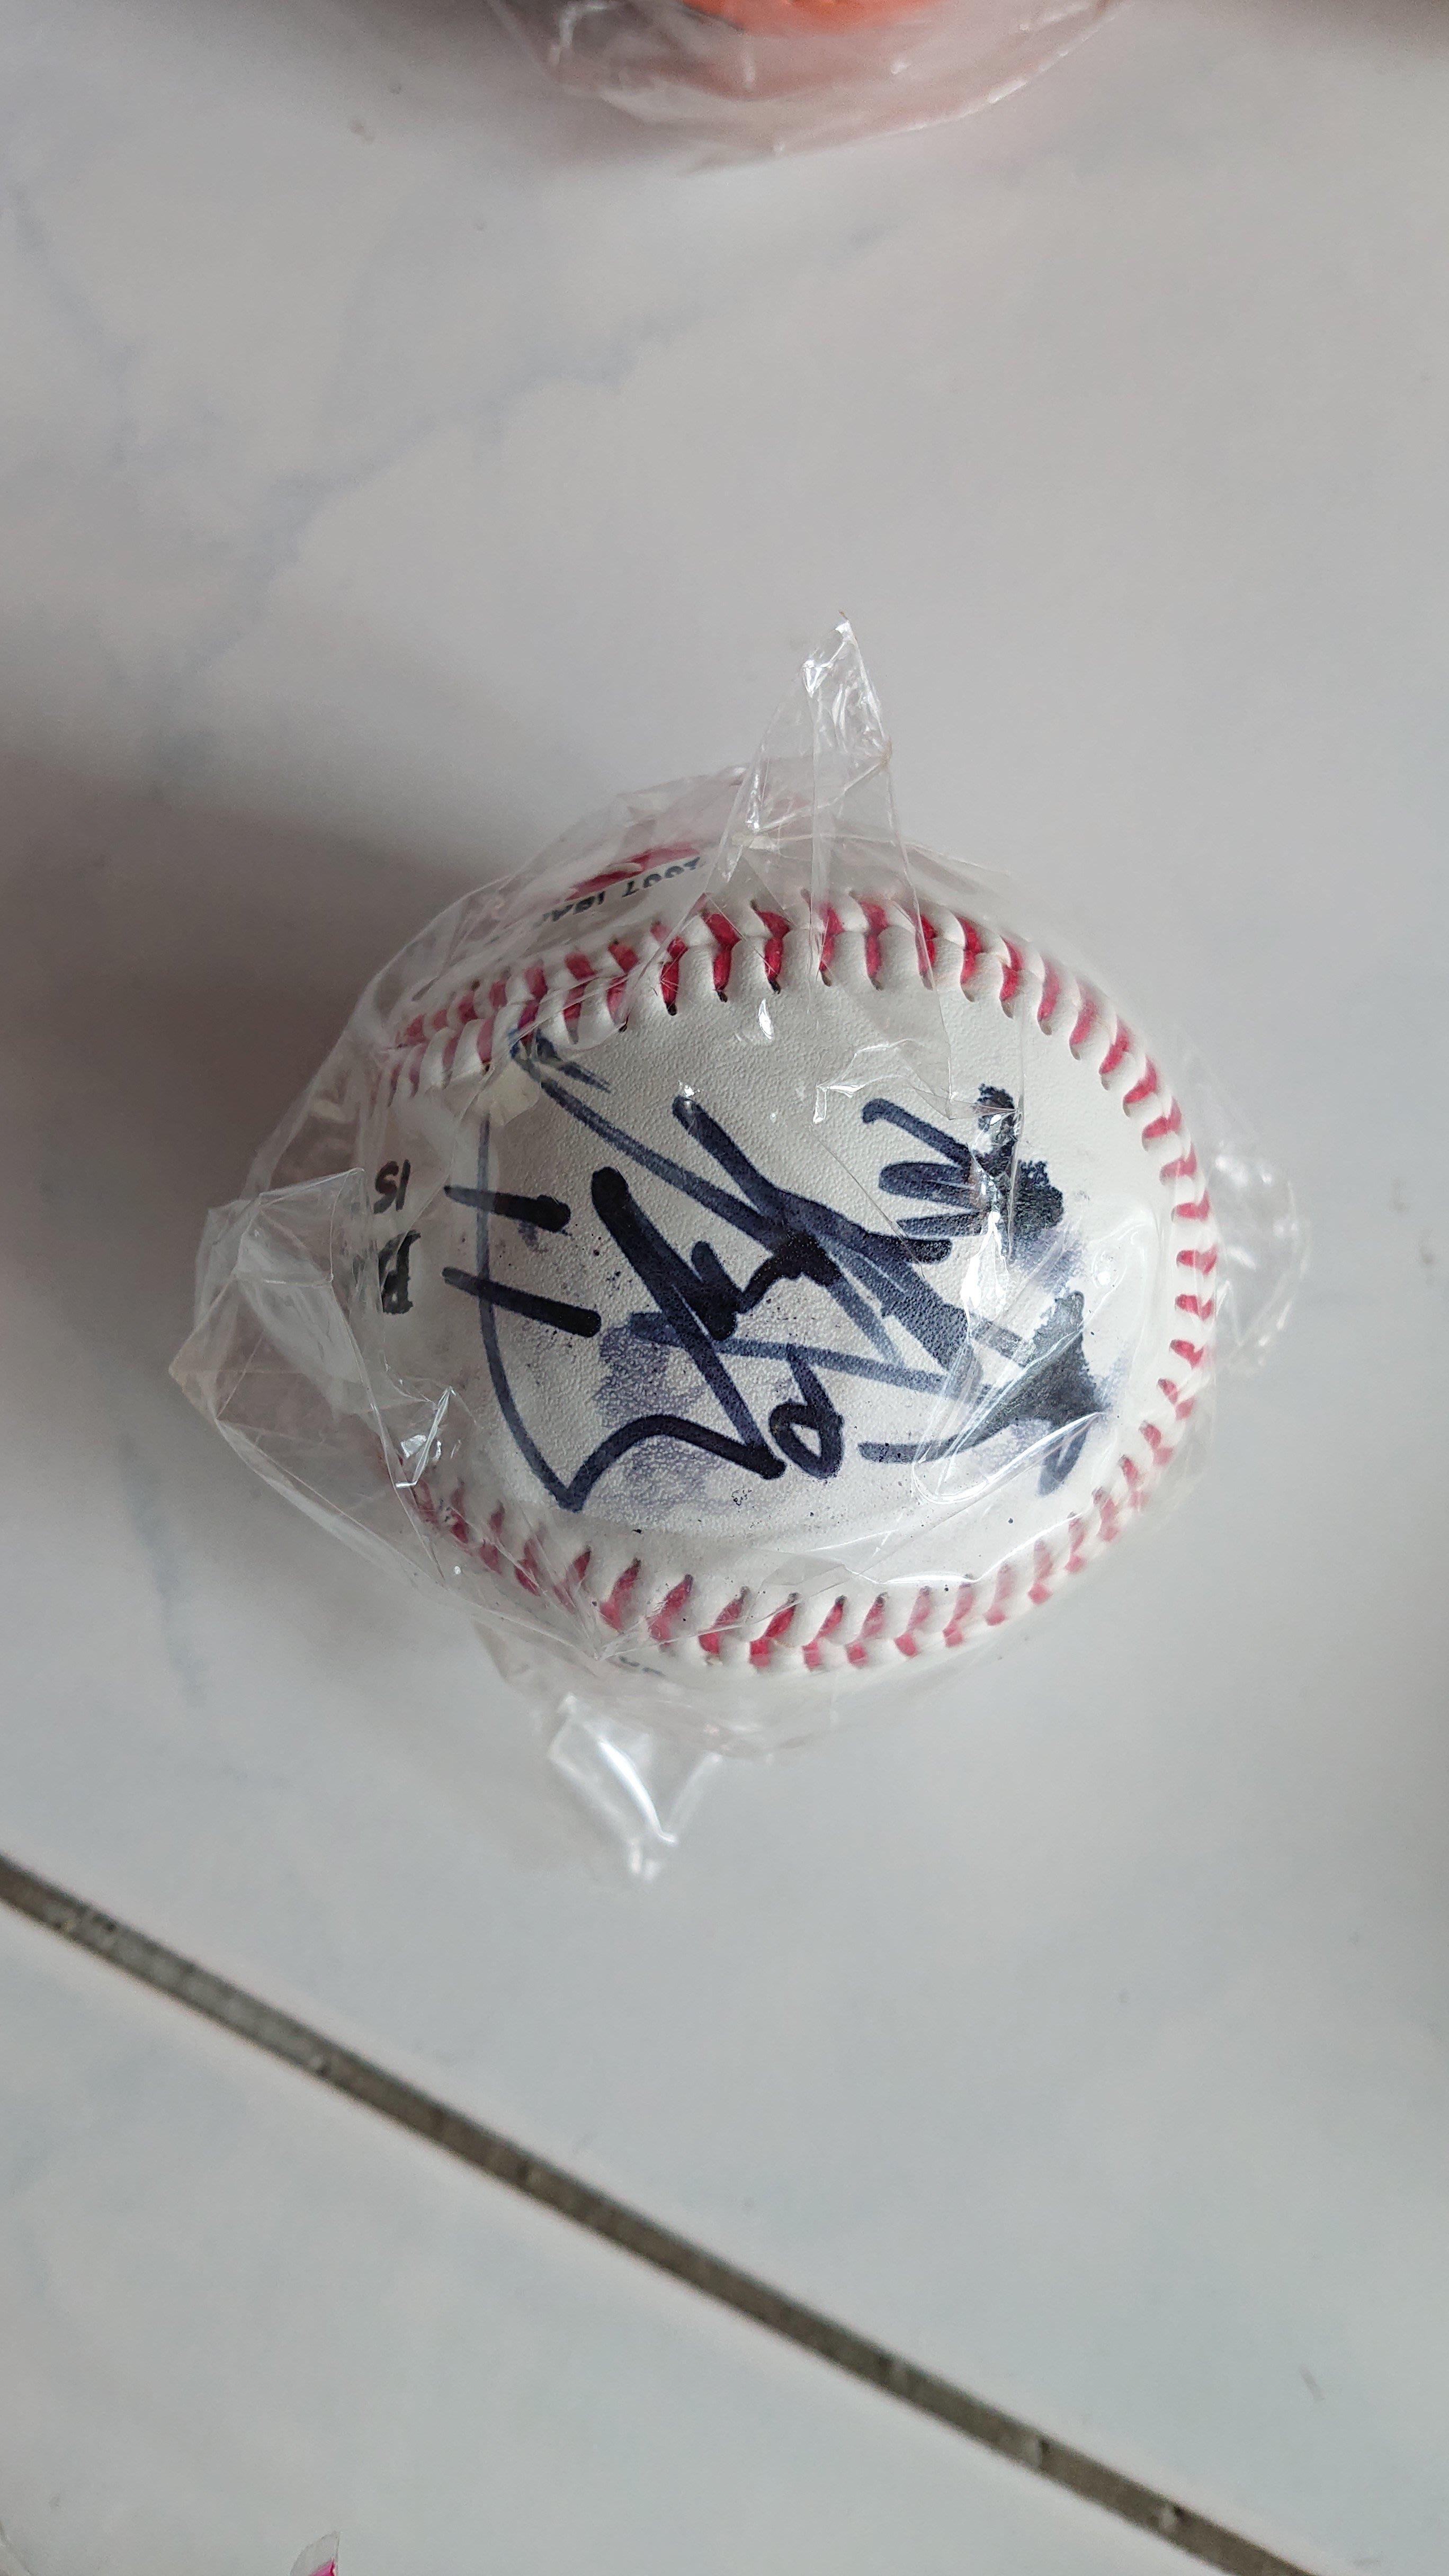 林恩宇 2007 IBAF 世界杯 棒球賽  白色款 簽名球 誠泰 兄弟 樂天 中華隊  請看商品描述